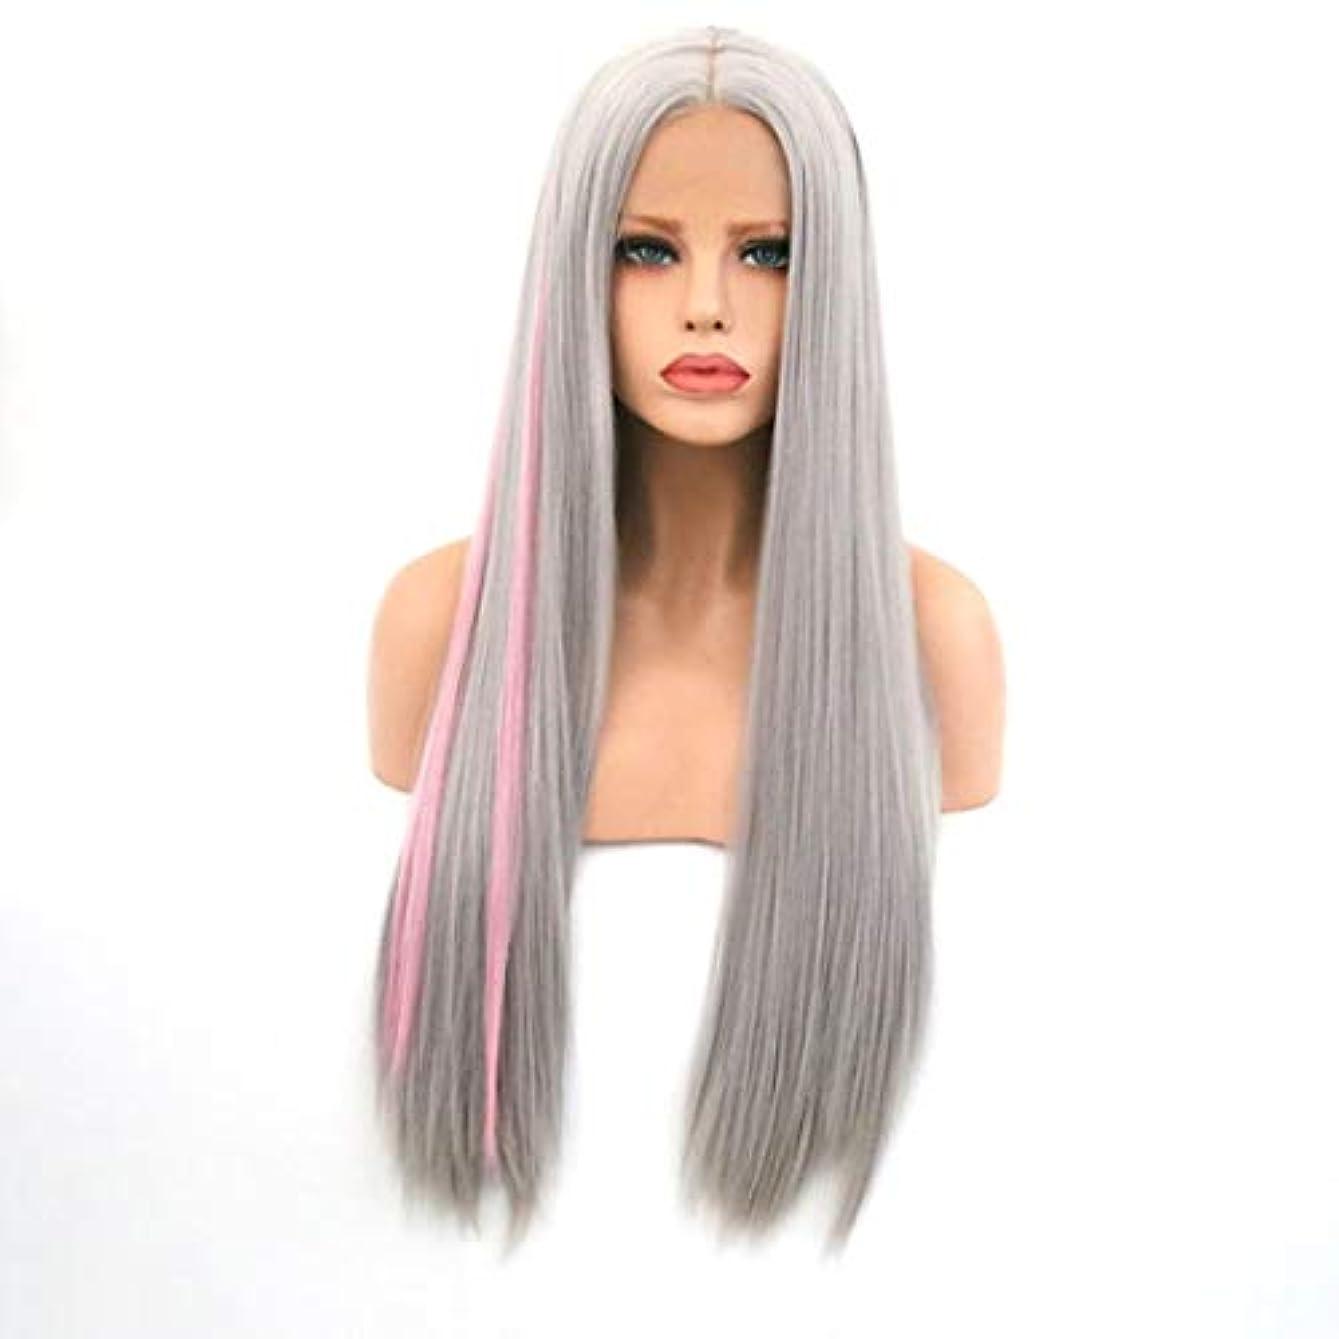 まともなサラミ意気揚々Kerwinner 女性のためのロングストレートヘアフロントレース化学繊維ウィッグヘッドギアをかつら